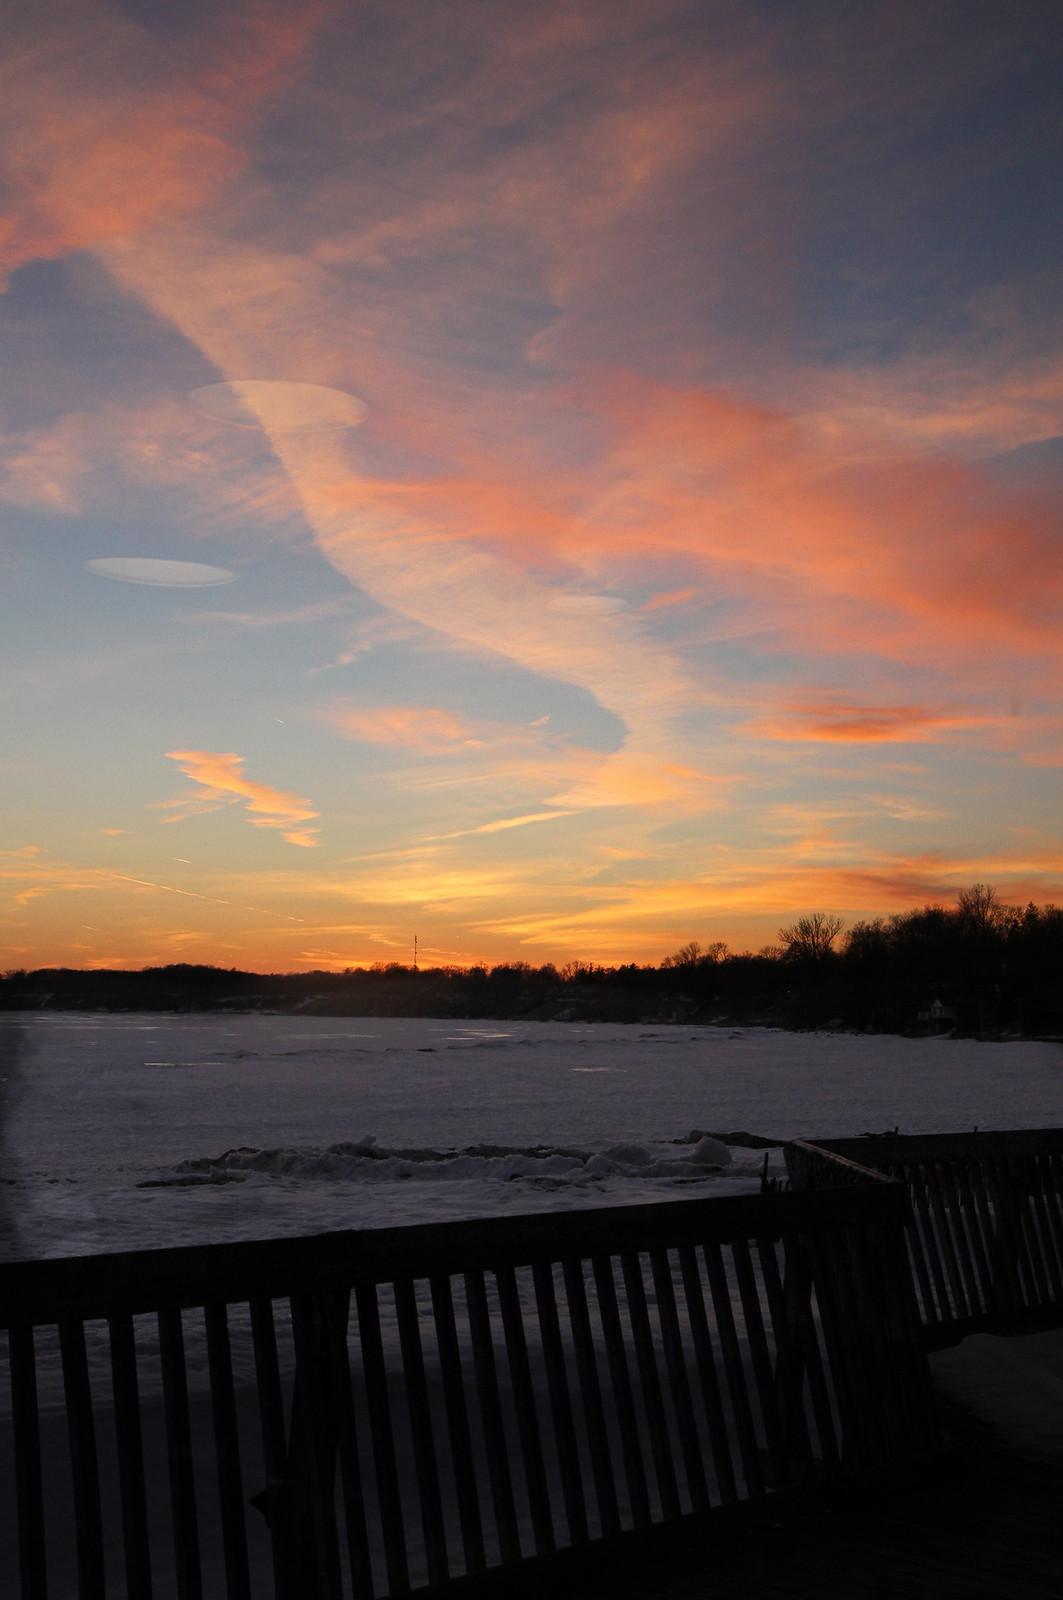 PD Callahans sunset sky